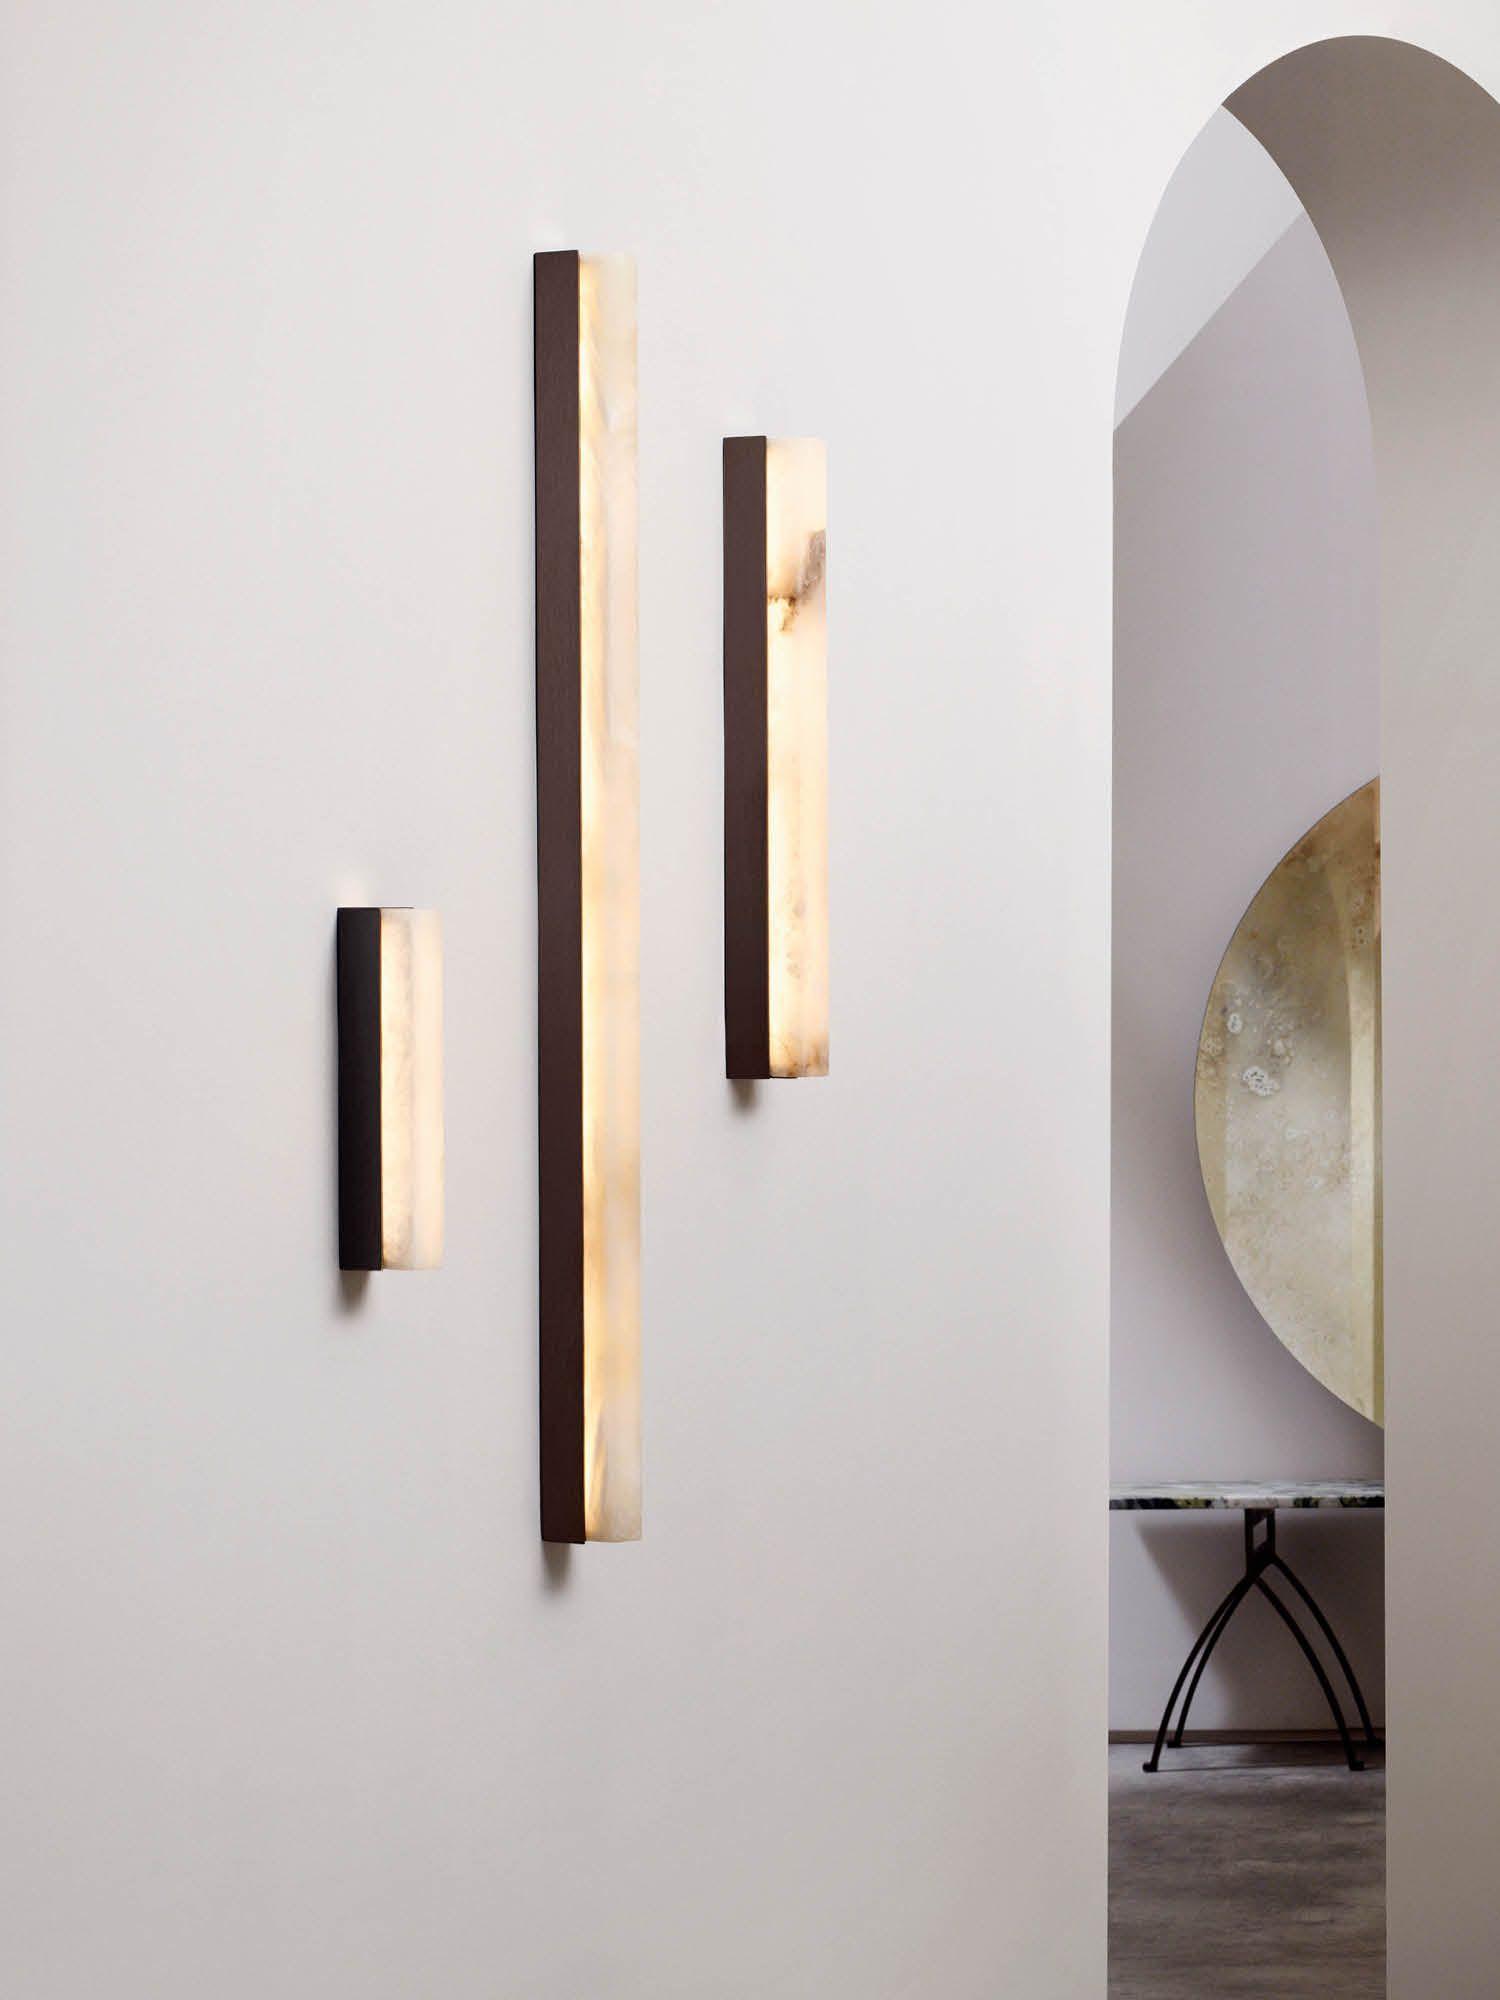 Artes Wall Contemporary Wall Lamp Wall Lamp Wall Lights